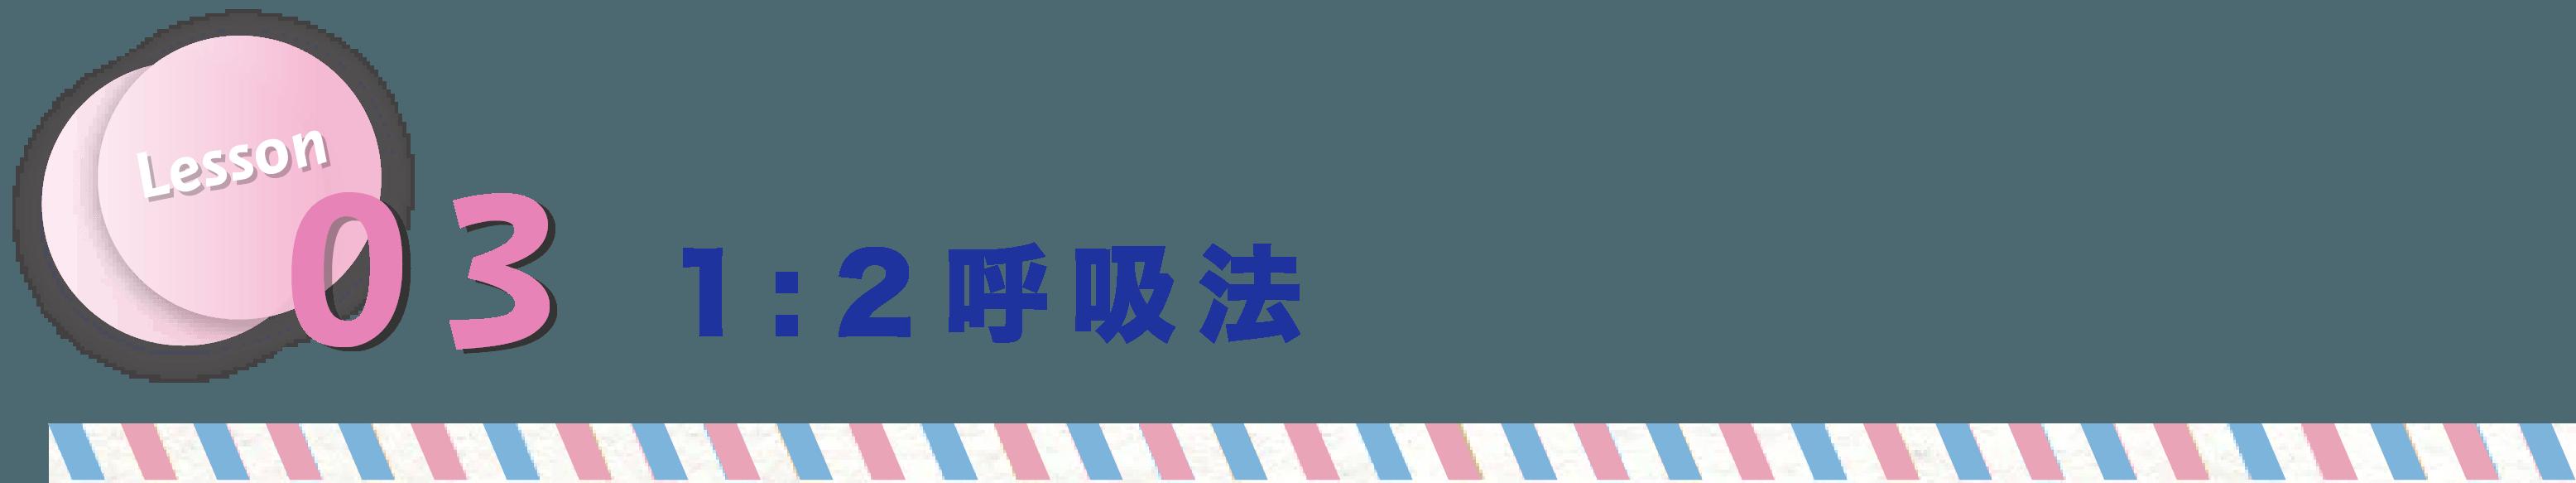 vol.6_h3